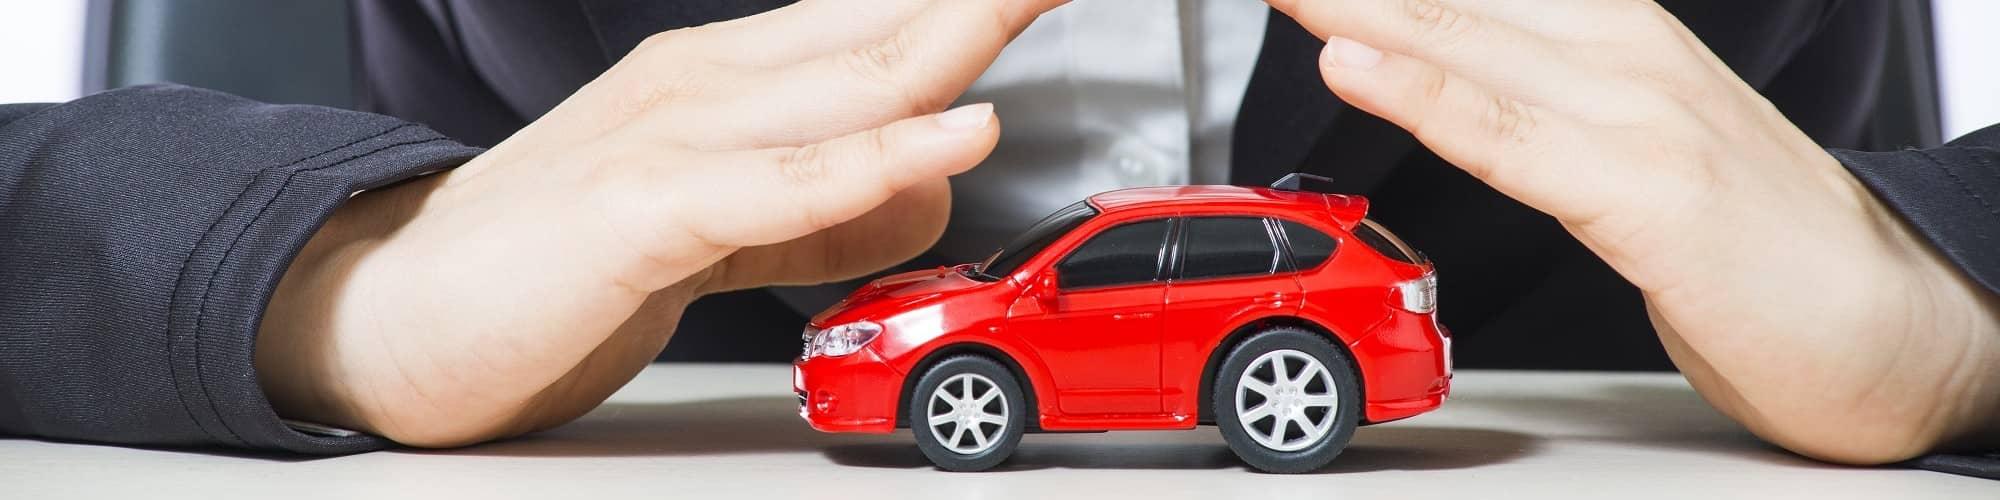 La Carta Verde: tu seguro de coche si viajas al extranjero